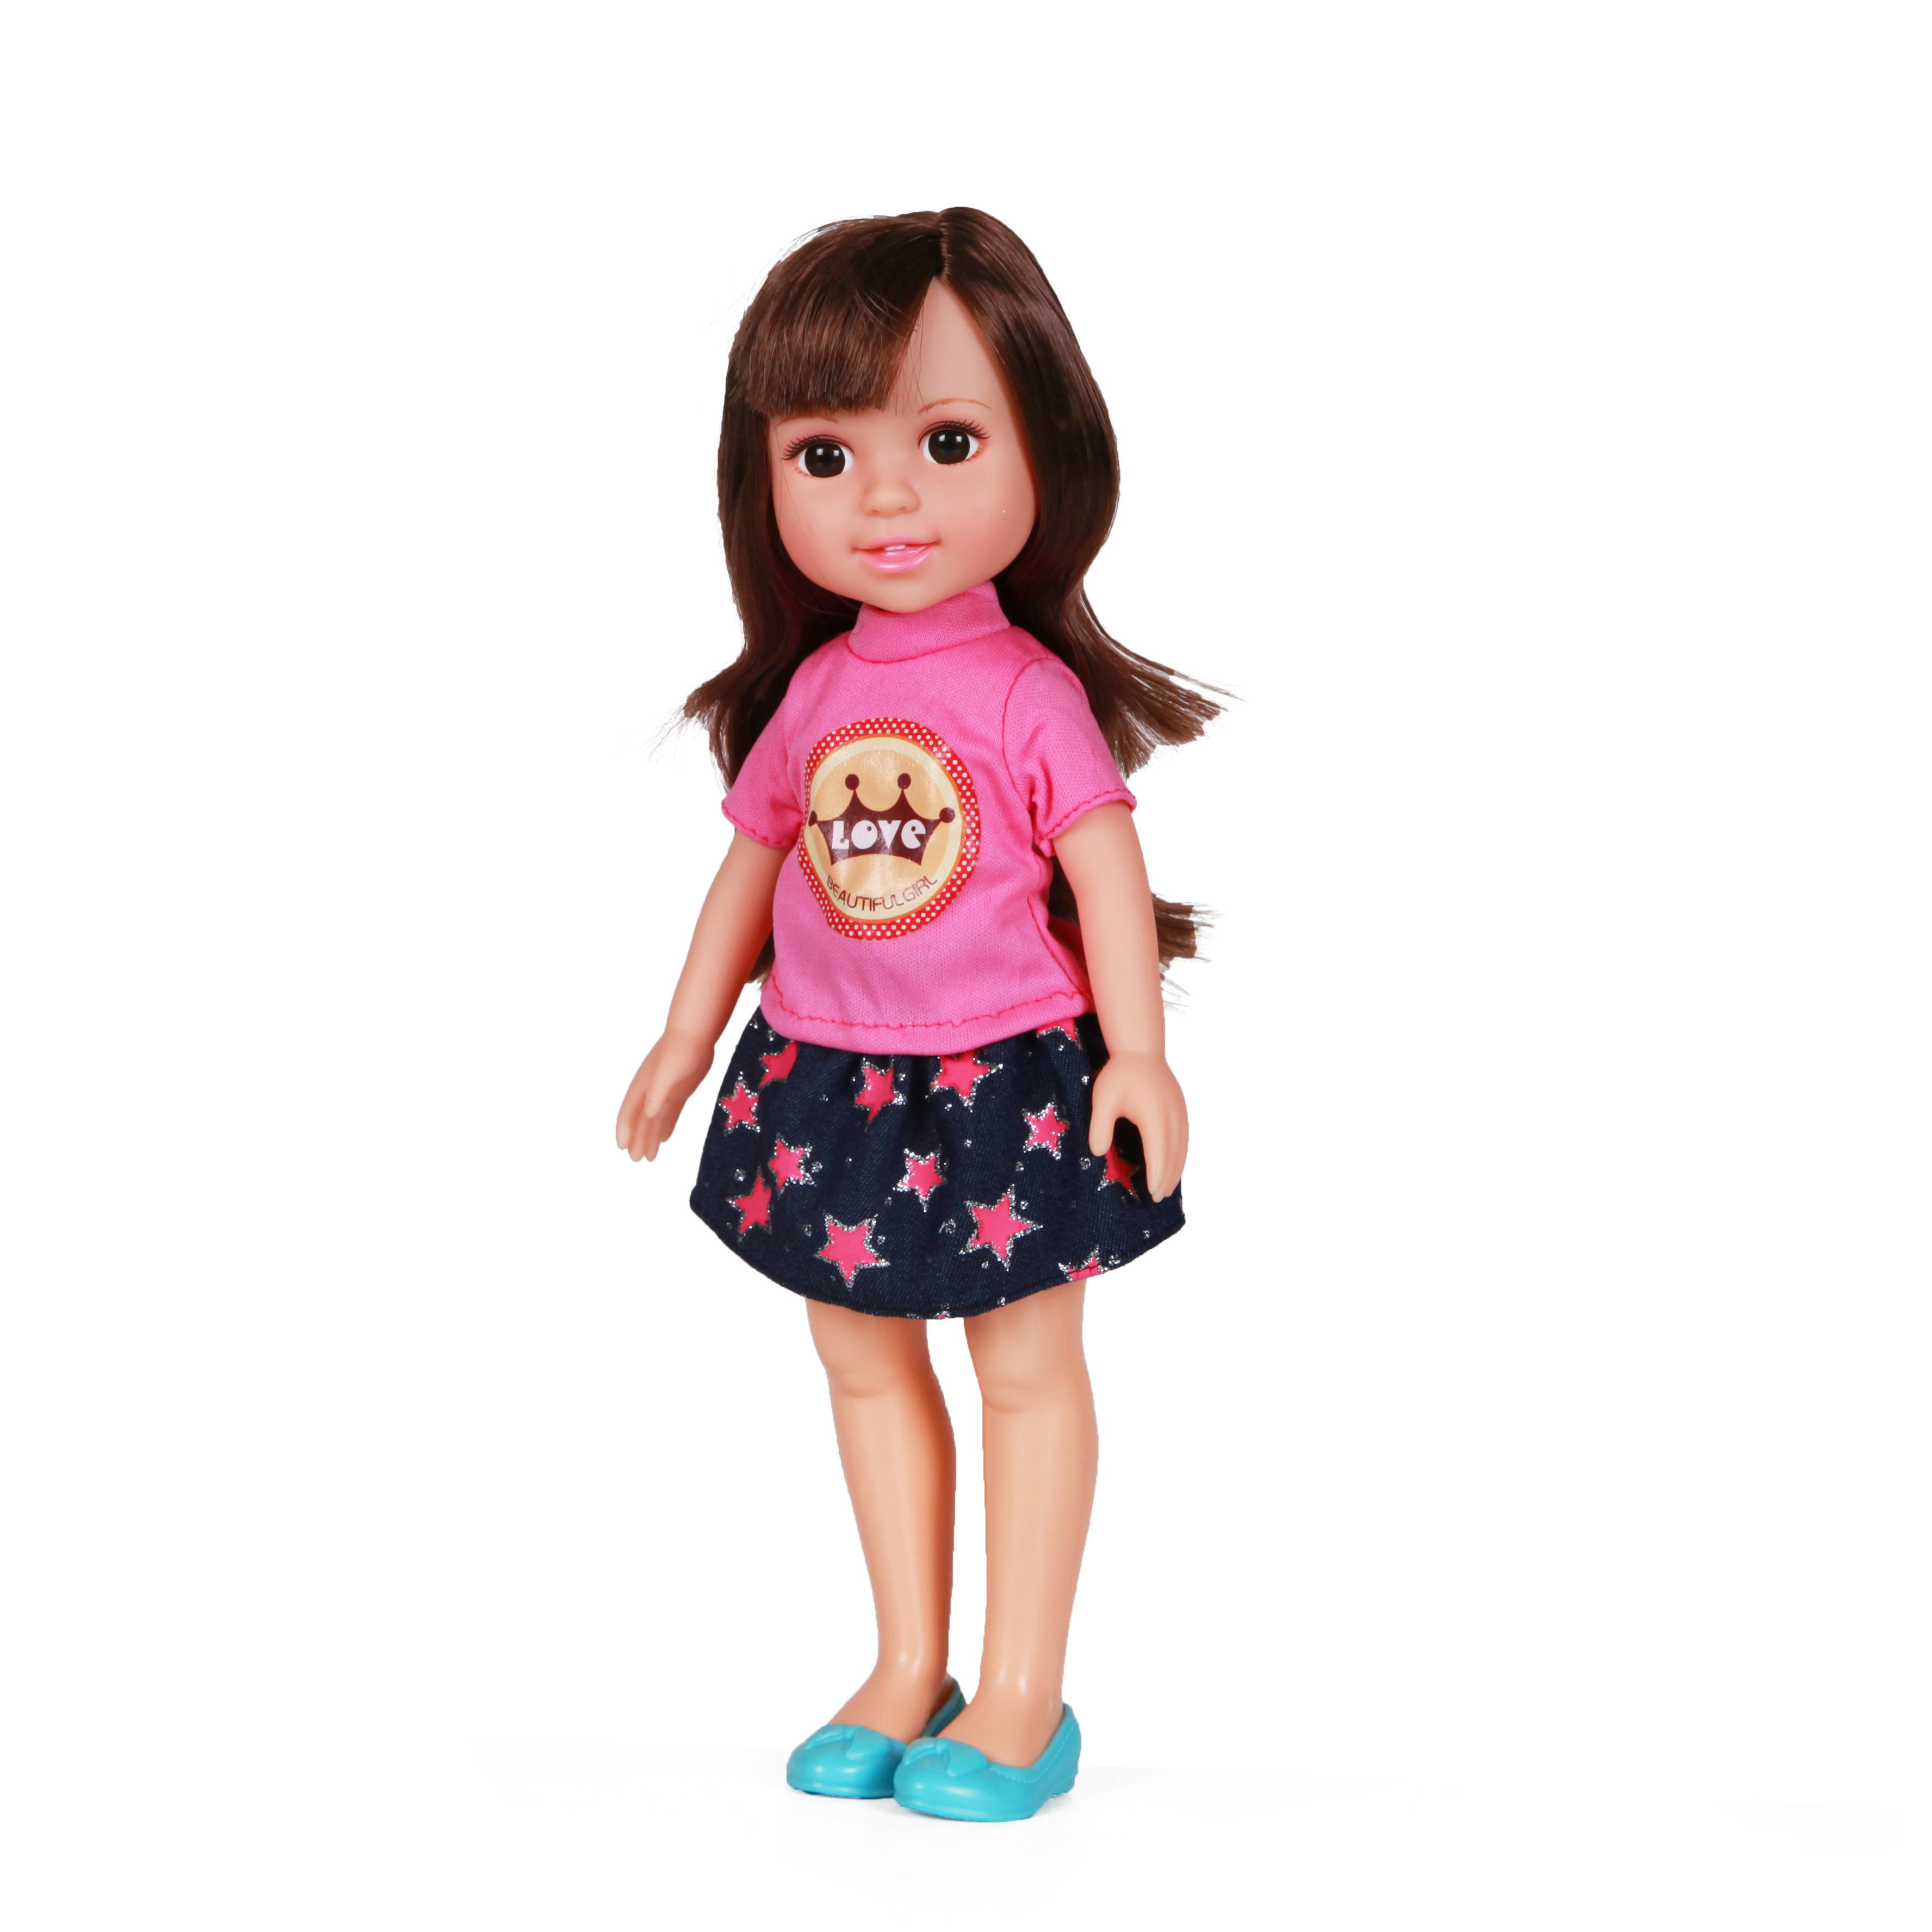 Другие куклы YAKO Кукла Yako Jammy M6307 кукла yako m6289